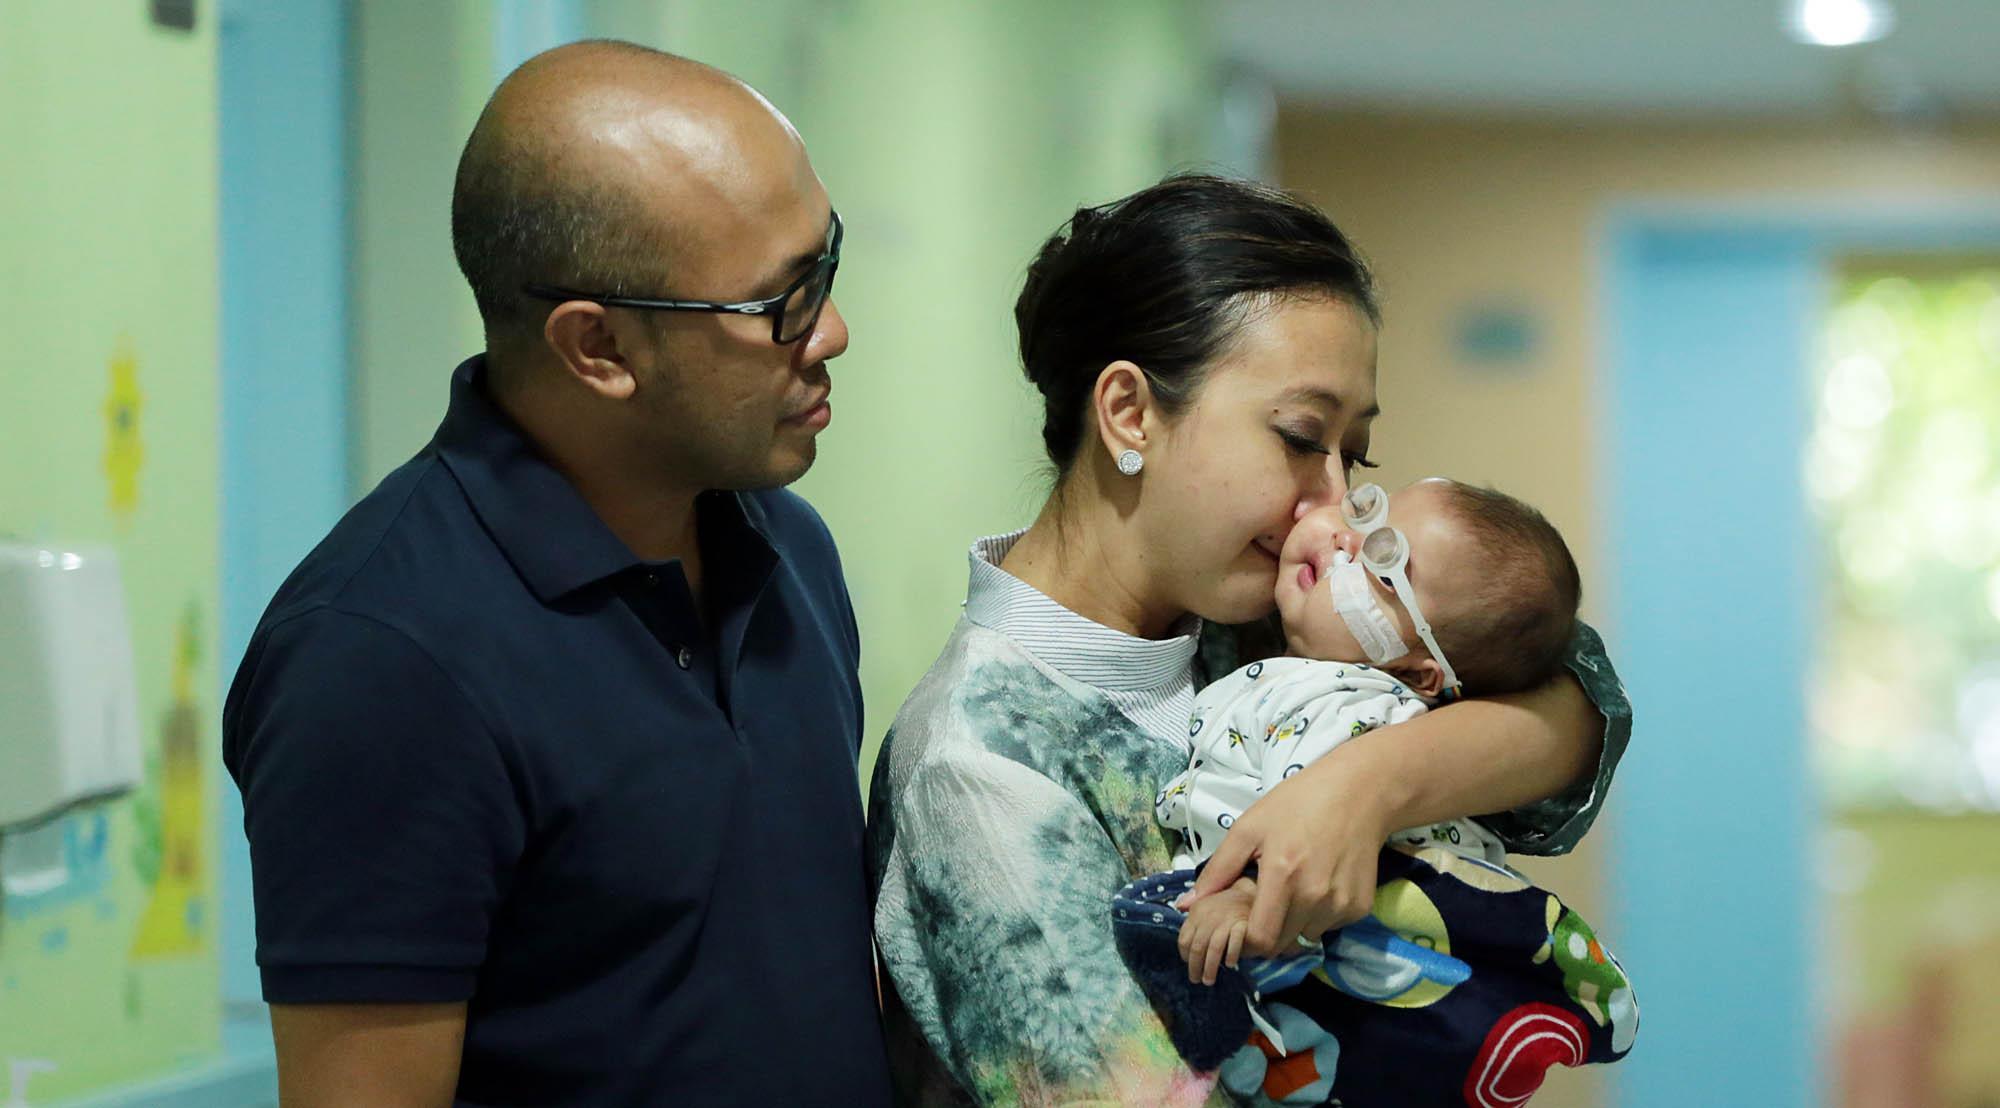 Ciuman Asri Welas pada Ibran saat keluar dari rumah sakit. (Deki Prayoga/Bintang.com)